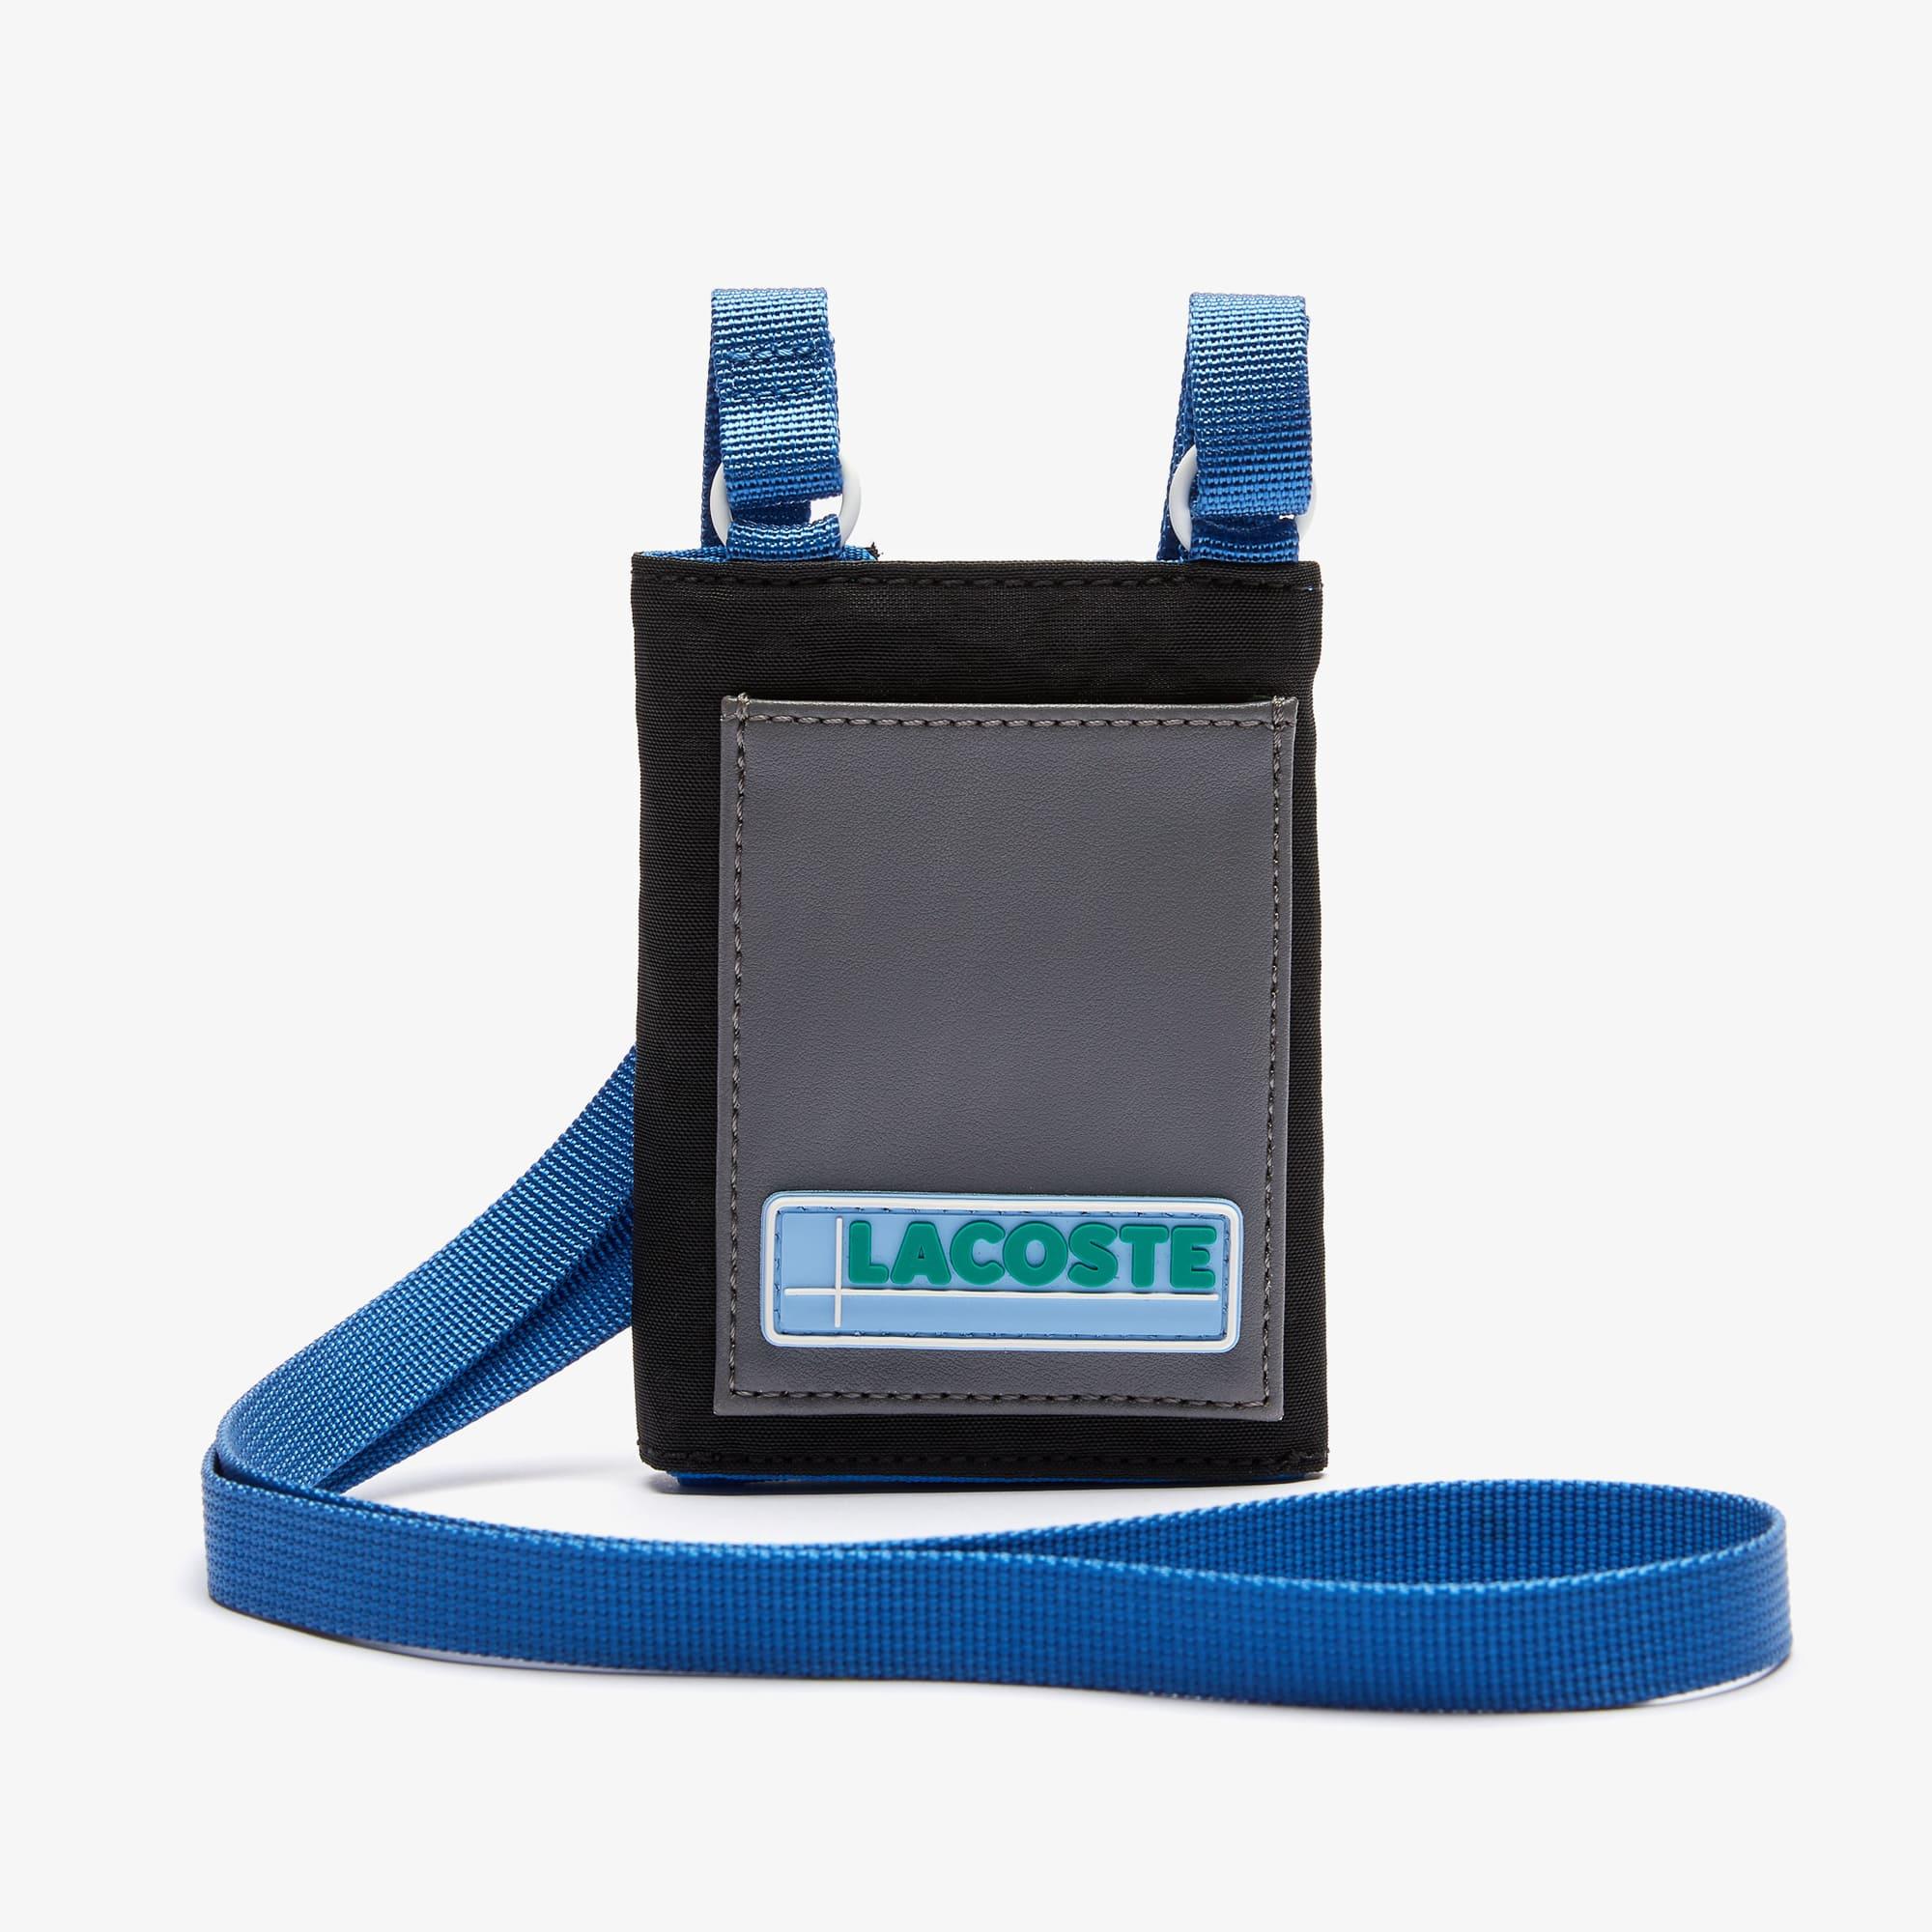 라코스테 '랩 미 업 컬렉션' LCST 목걸이 미니 지갑 Lacoste Mens LCST Colorblocked Mini Necklace Wallet,SMOKED PEARL NOIR ULTRAMA • F56